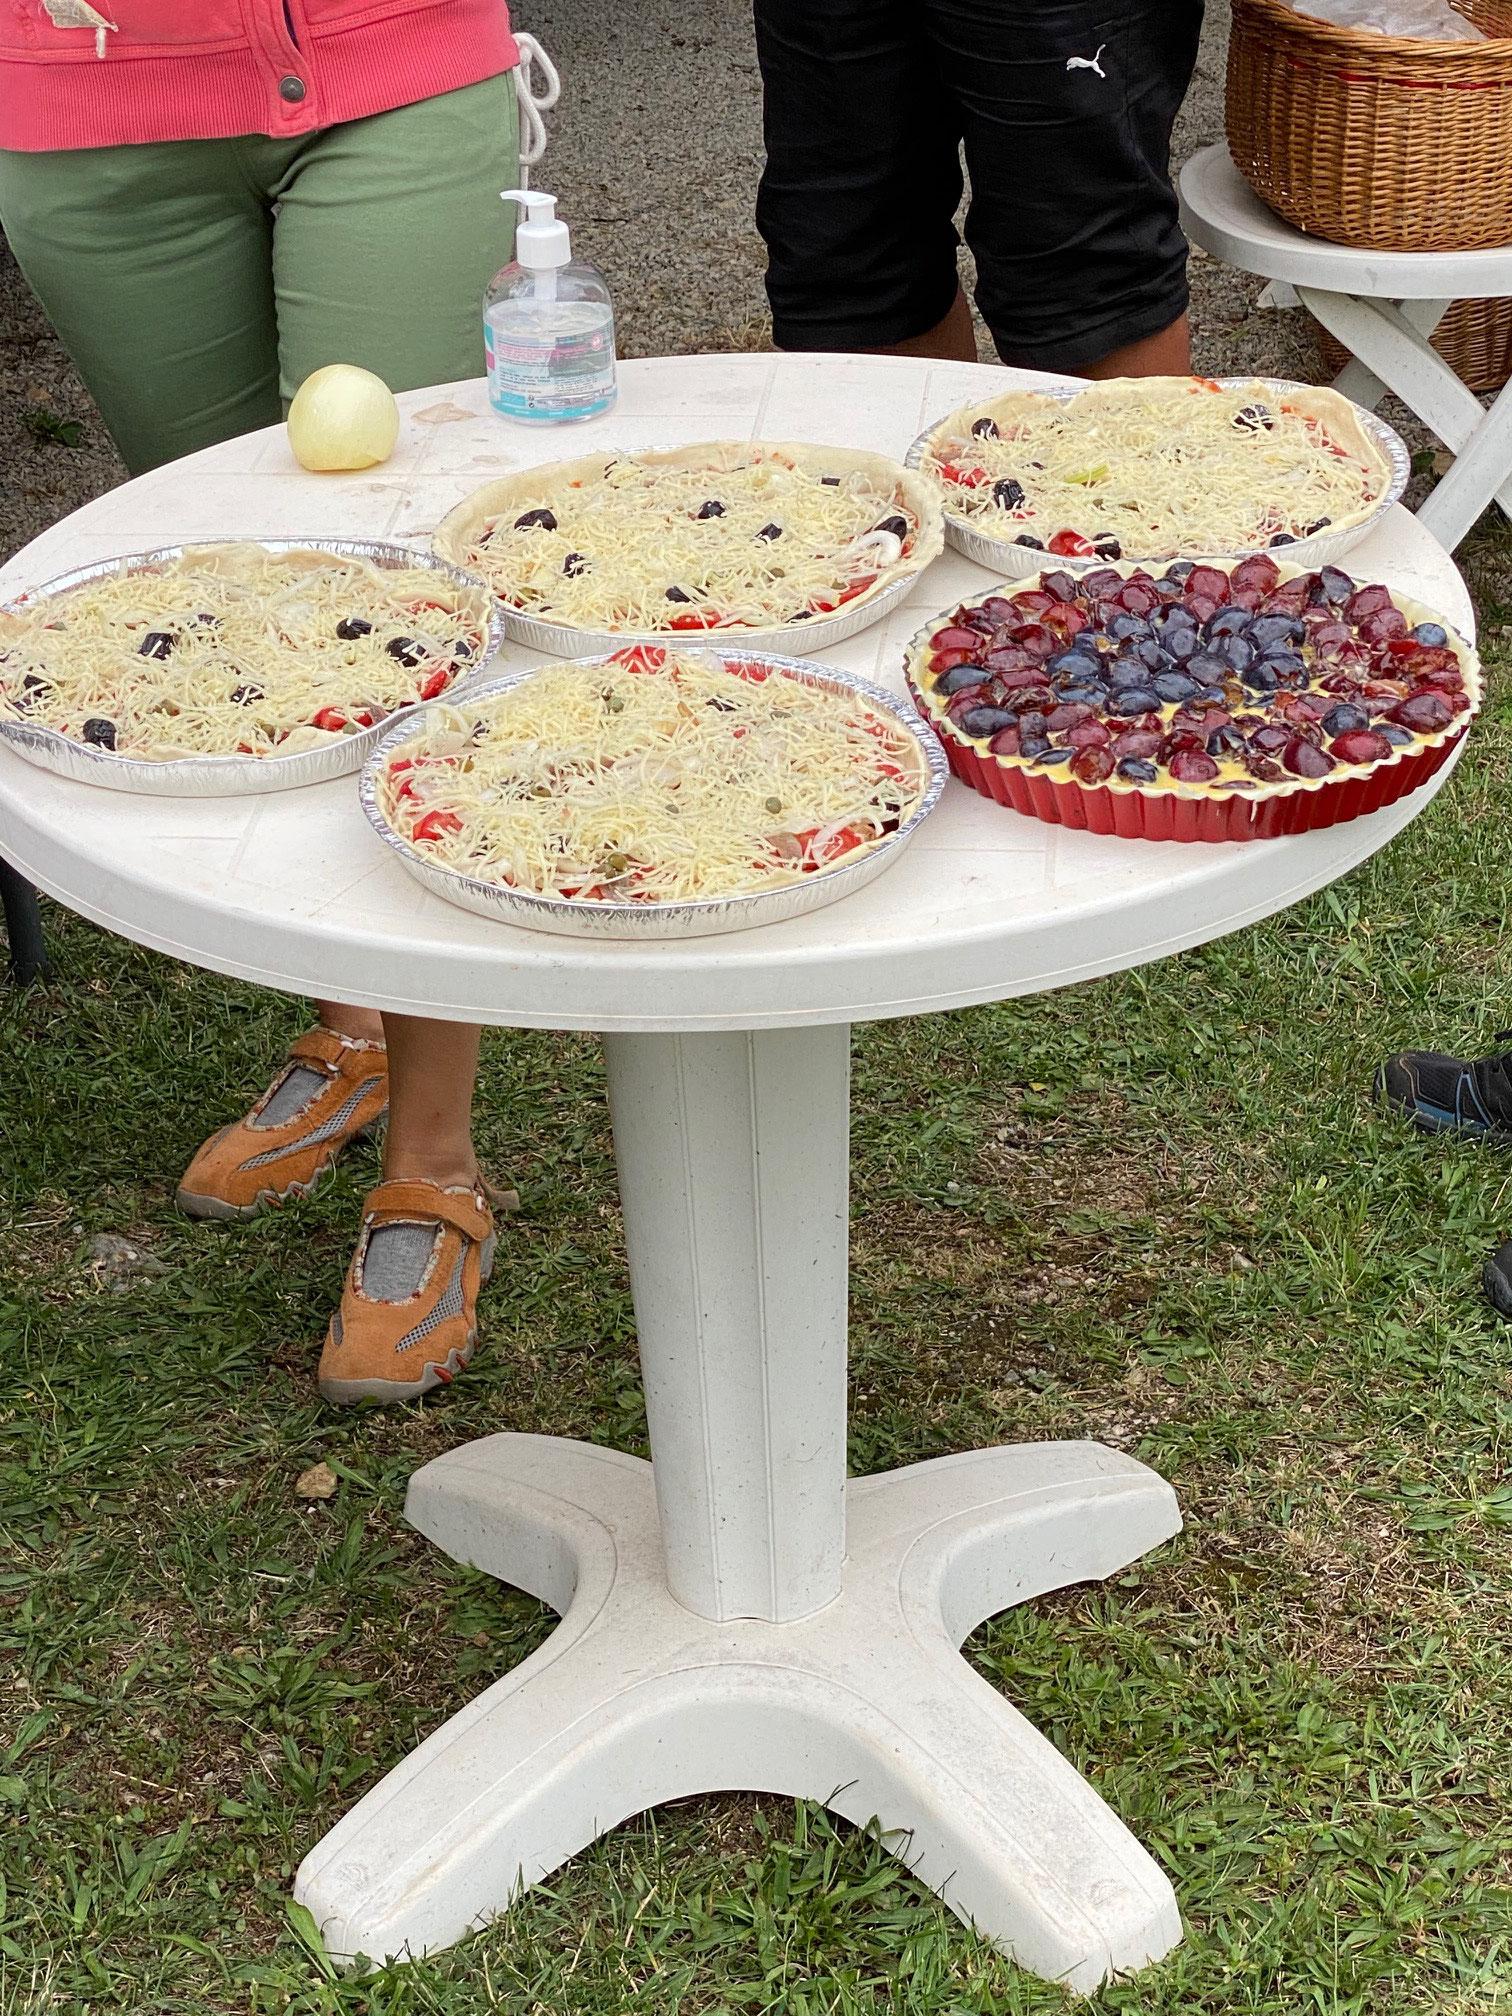 Pizzas et gâteaux sont prêts